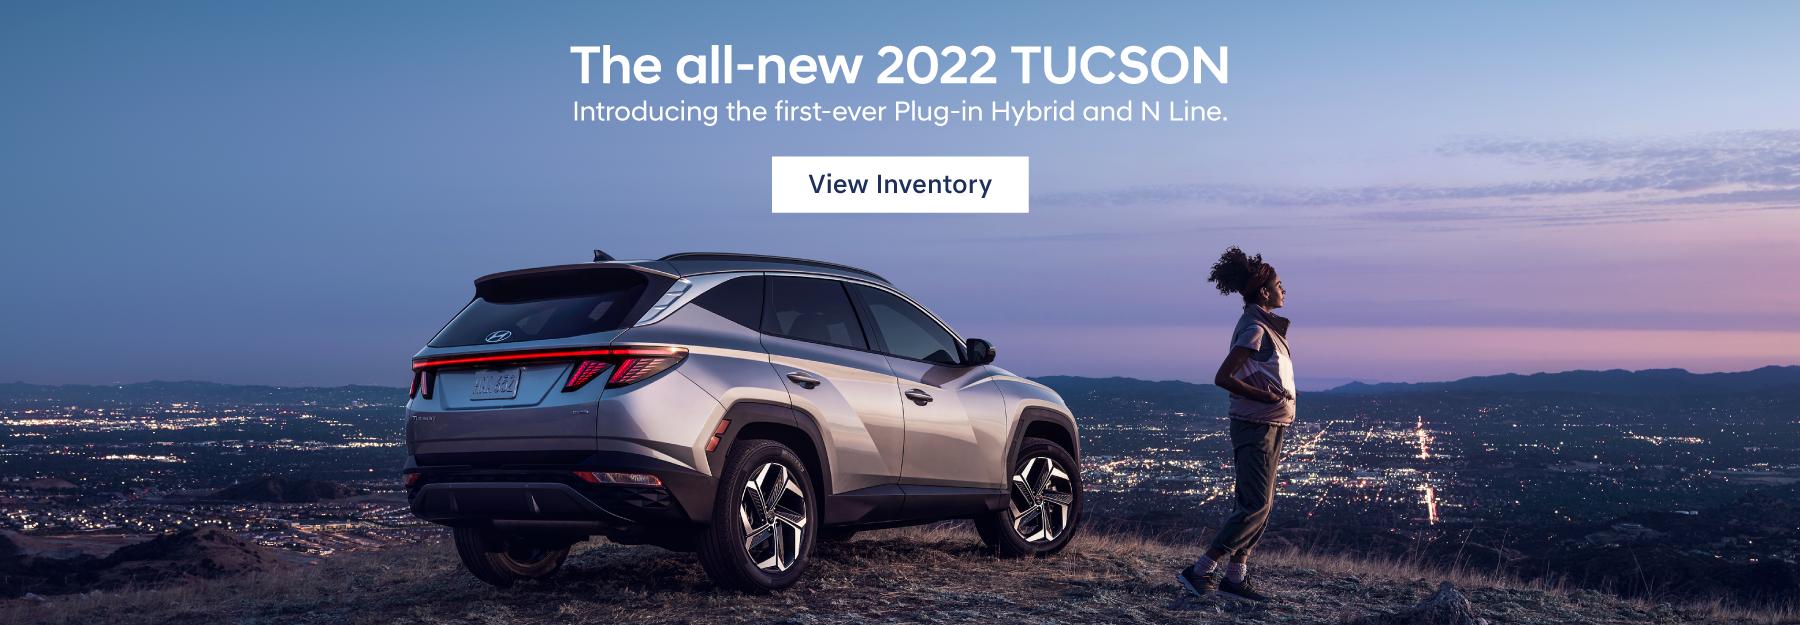 Hyundai-Omaha-OEM-0921_Tucson